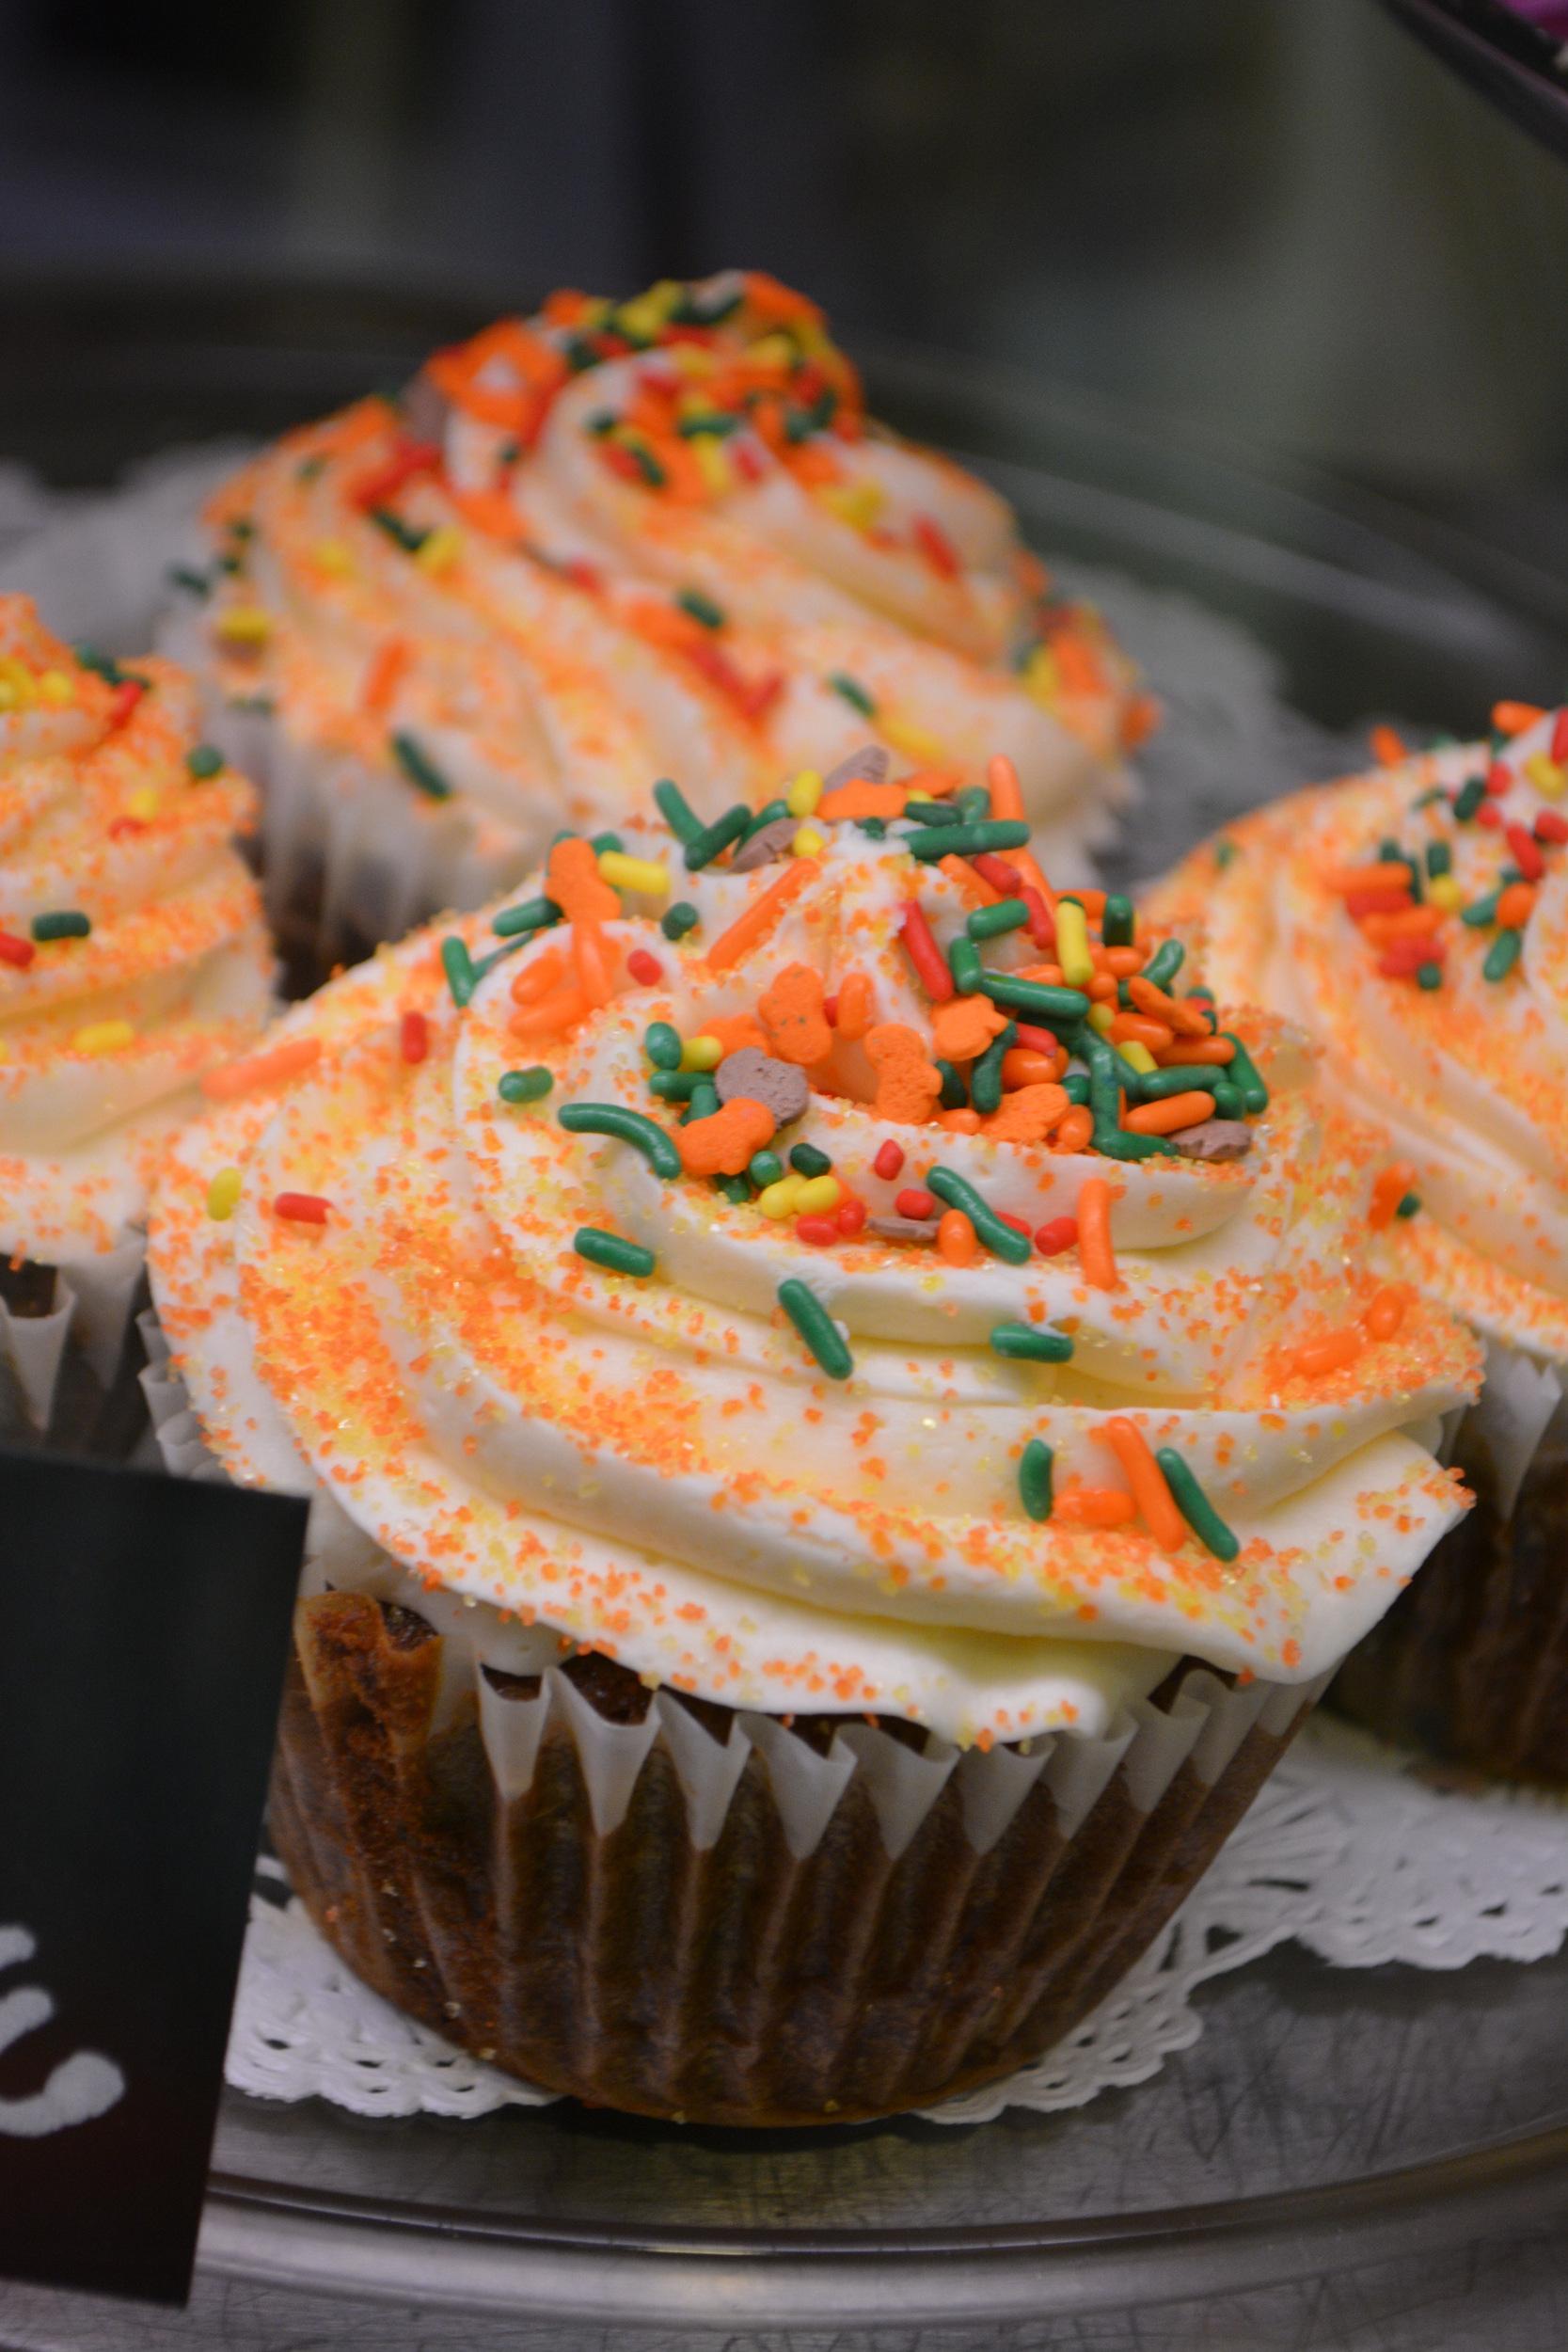 Orange Carrot Cupcake